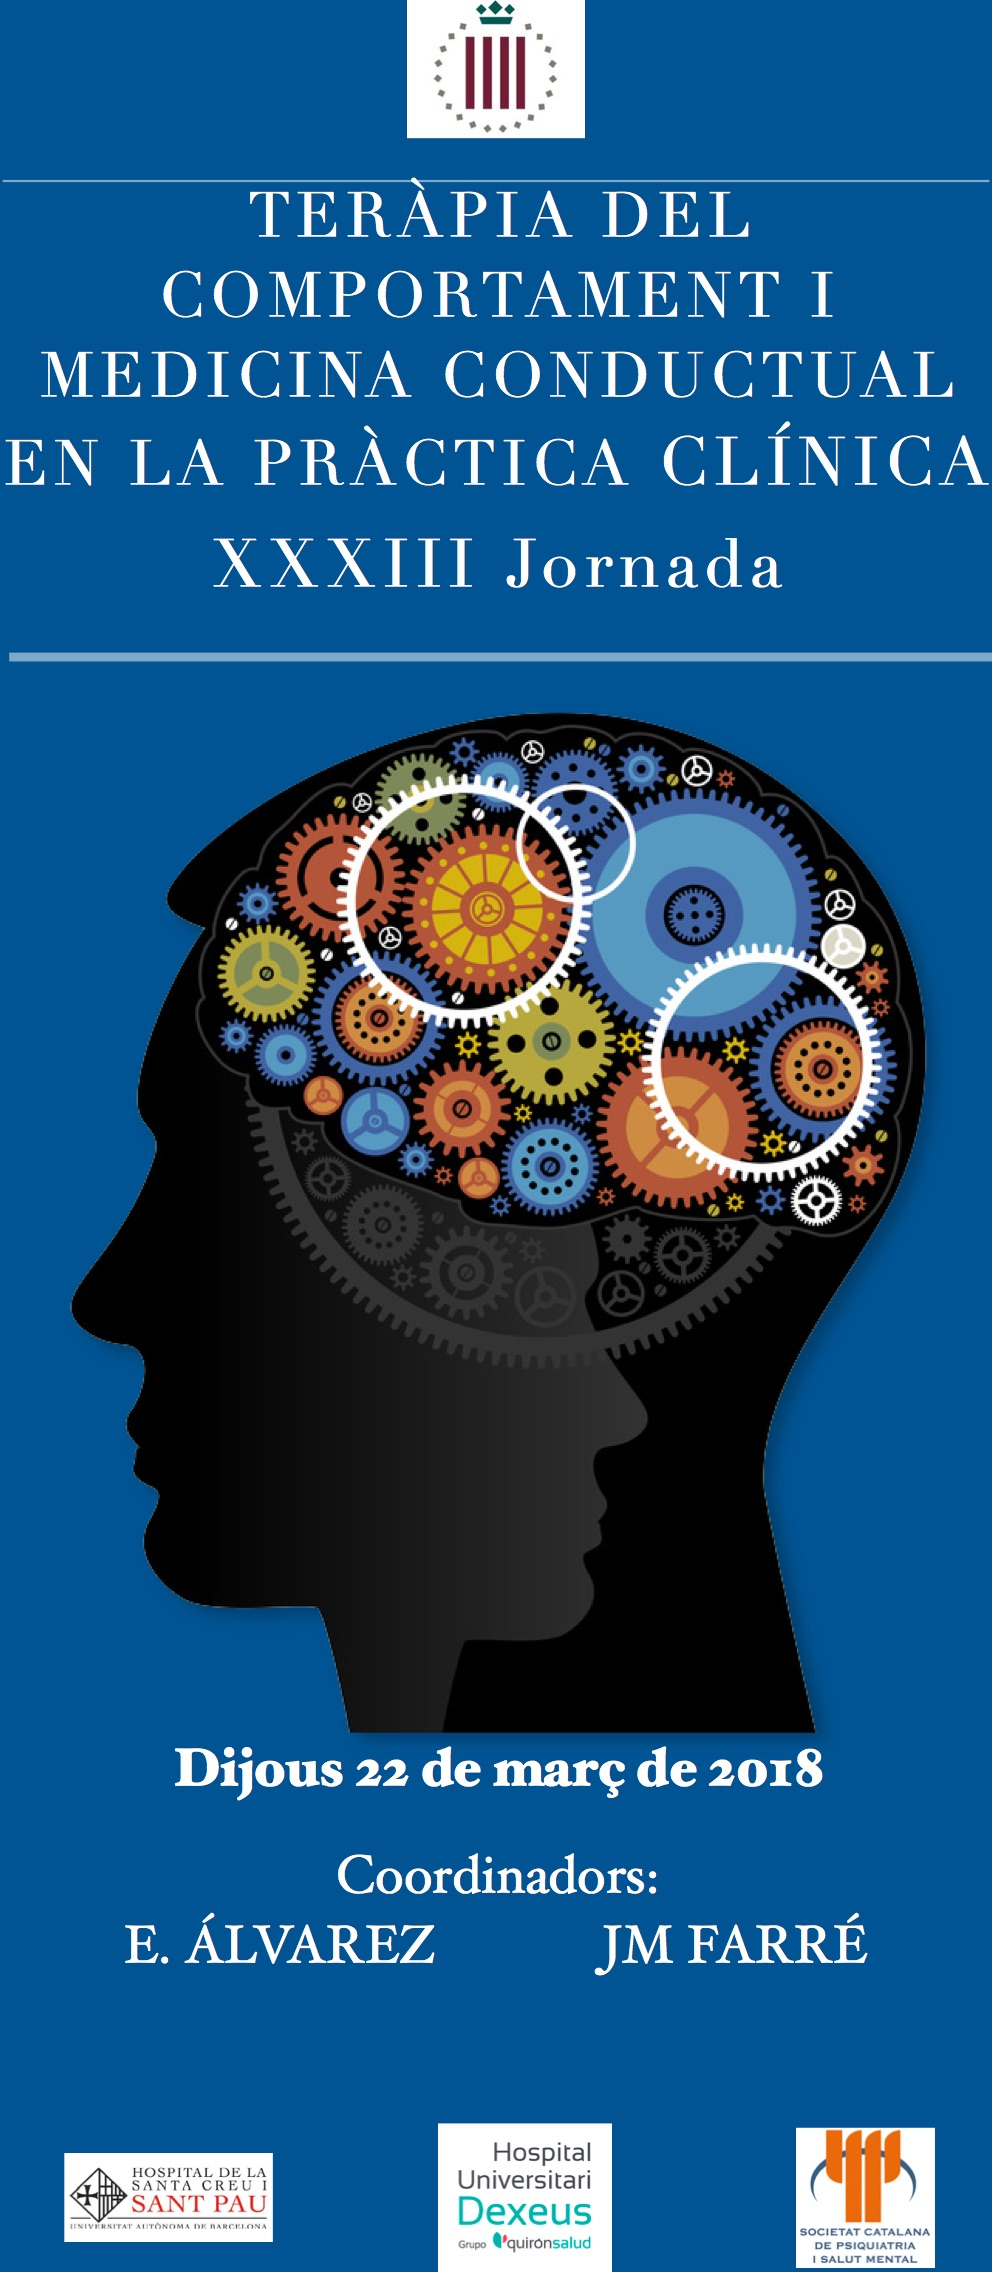 XXXIII Jornada de Teràpia del Comportament i Medicina Conductual en la Pràctica Clínica